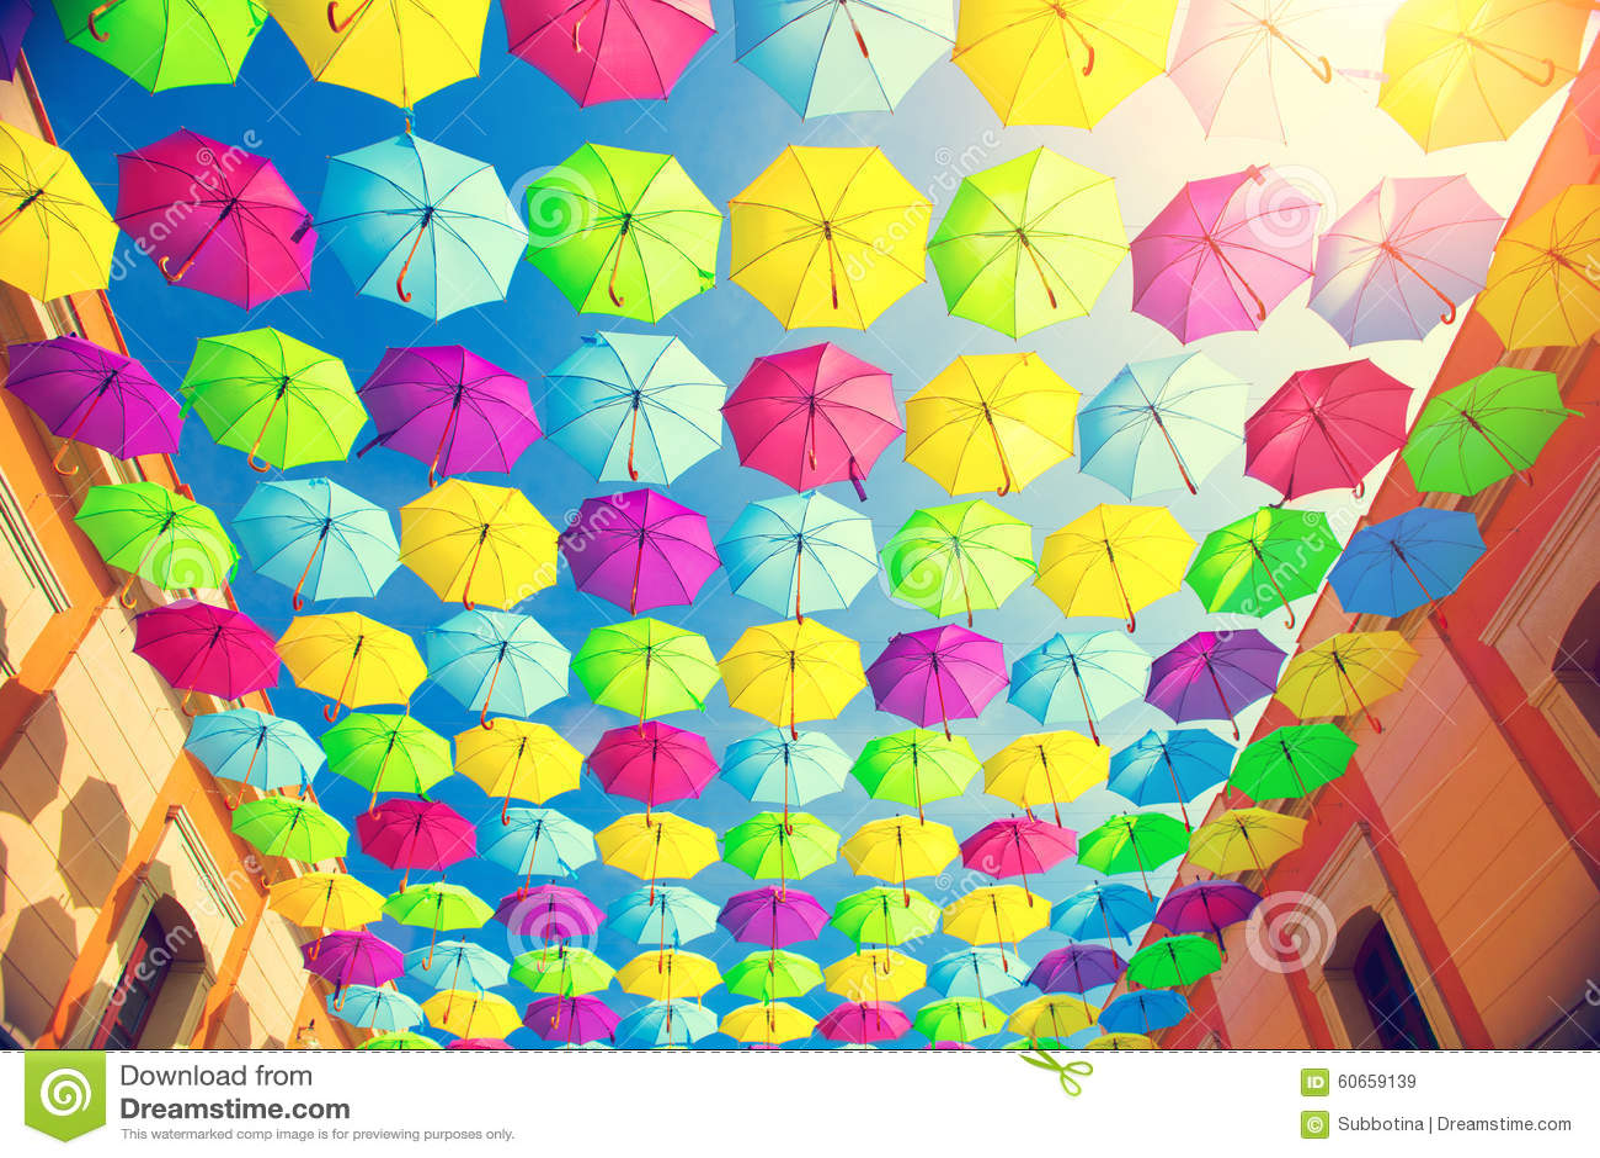 De kleurrijke decoratie van de paraplu 39 s stedelijke straat stock foto afbeelding 60659139 - Decoratie geel ...